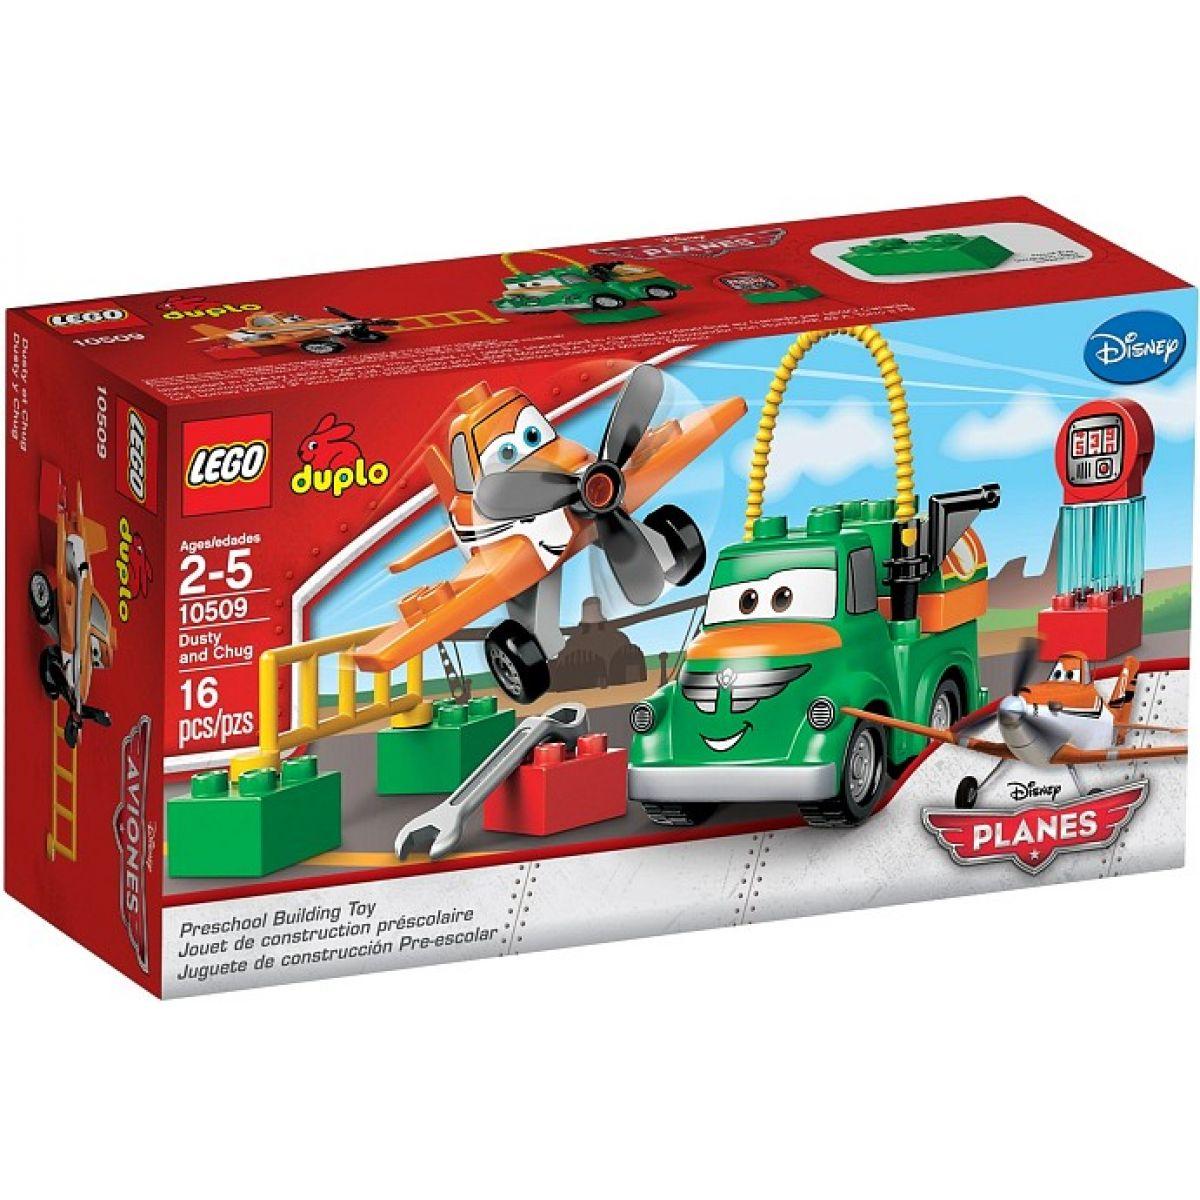 LEGO DUPLO Planes 10509 Dusty a Chug